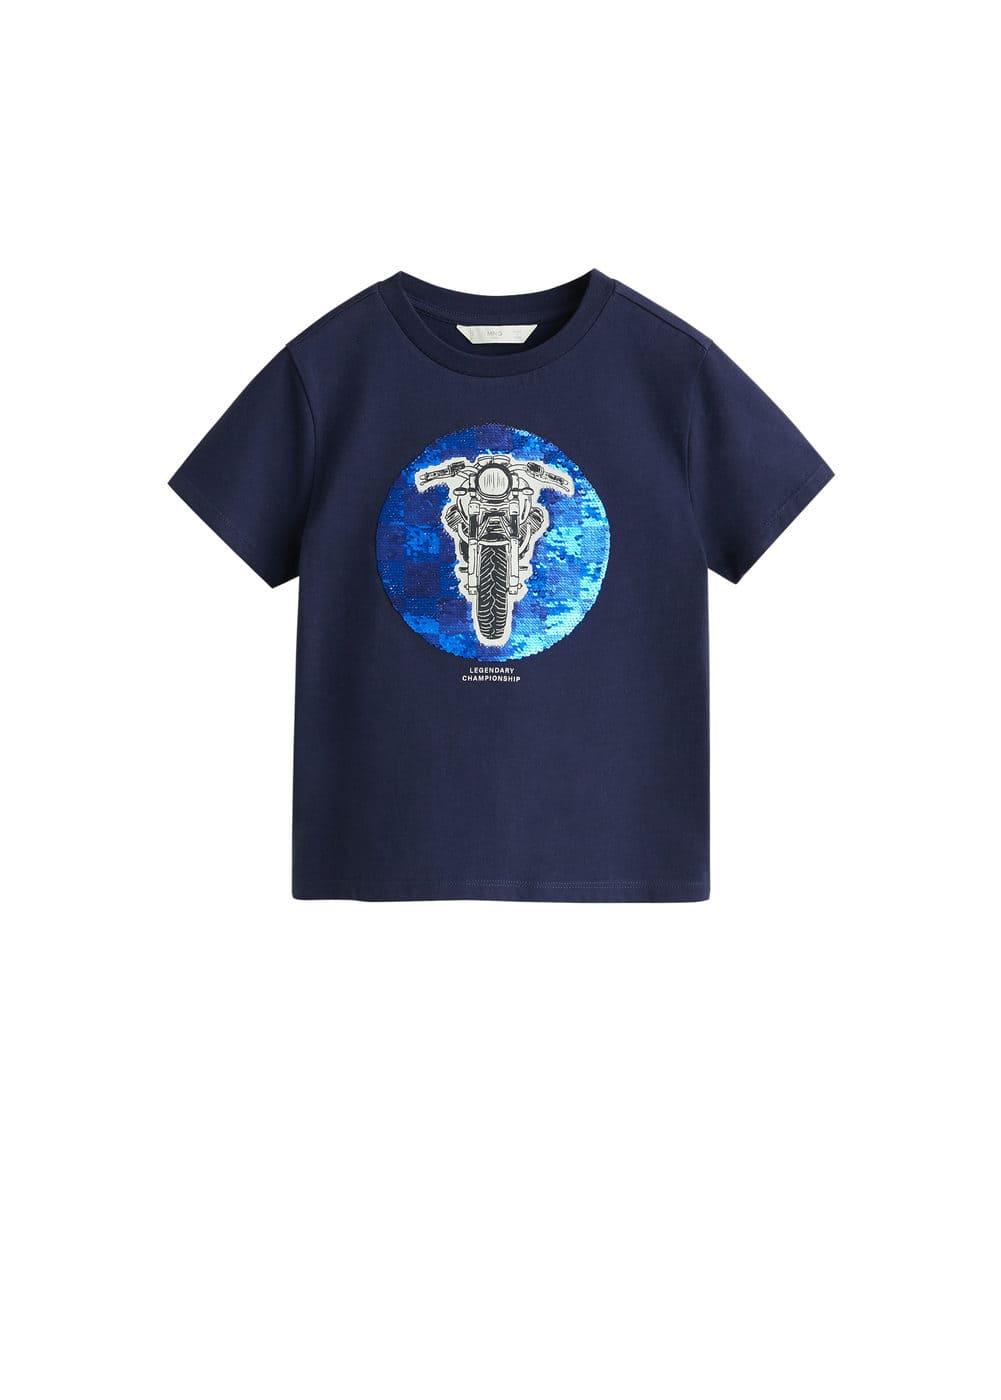 o-moto5:camiseta mensaje lentejuelas